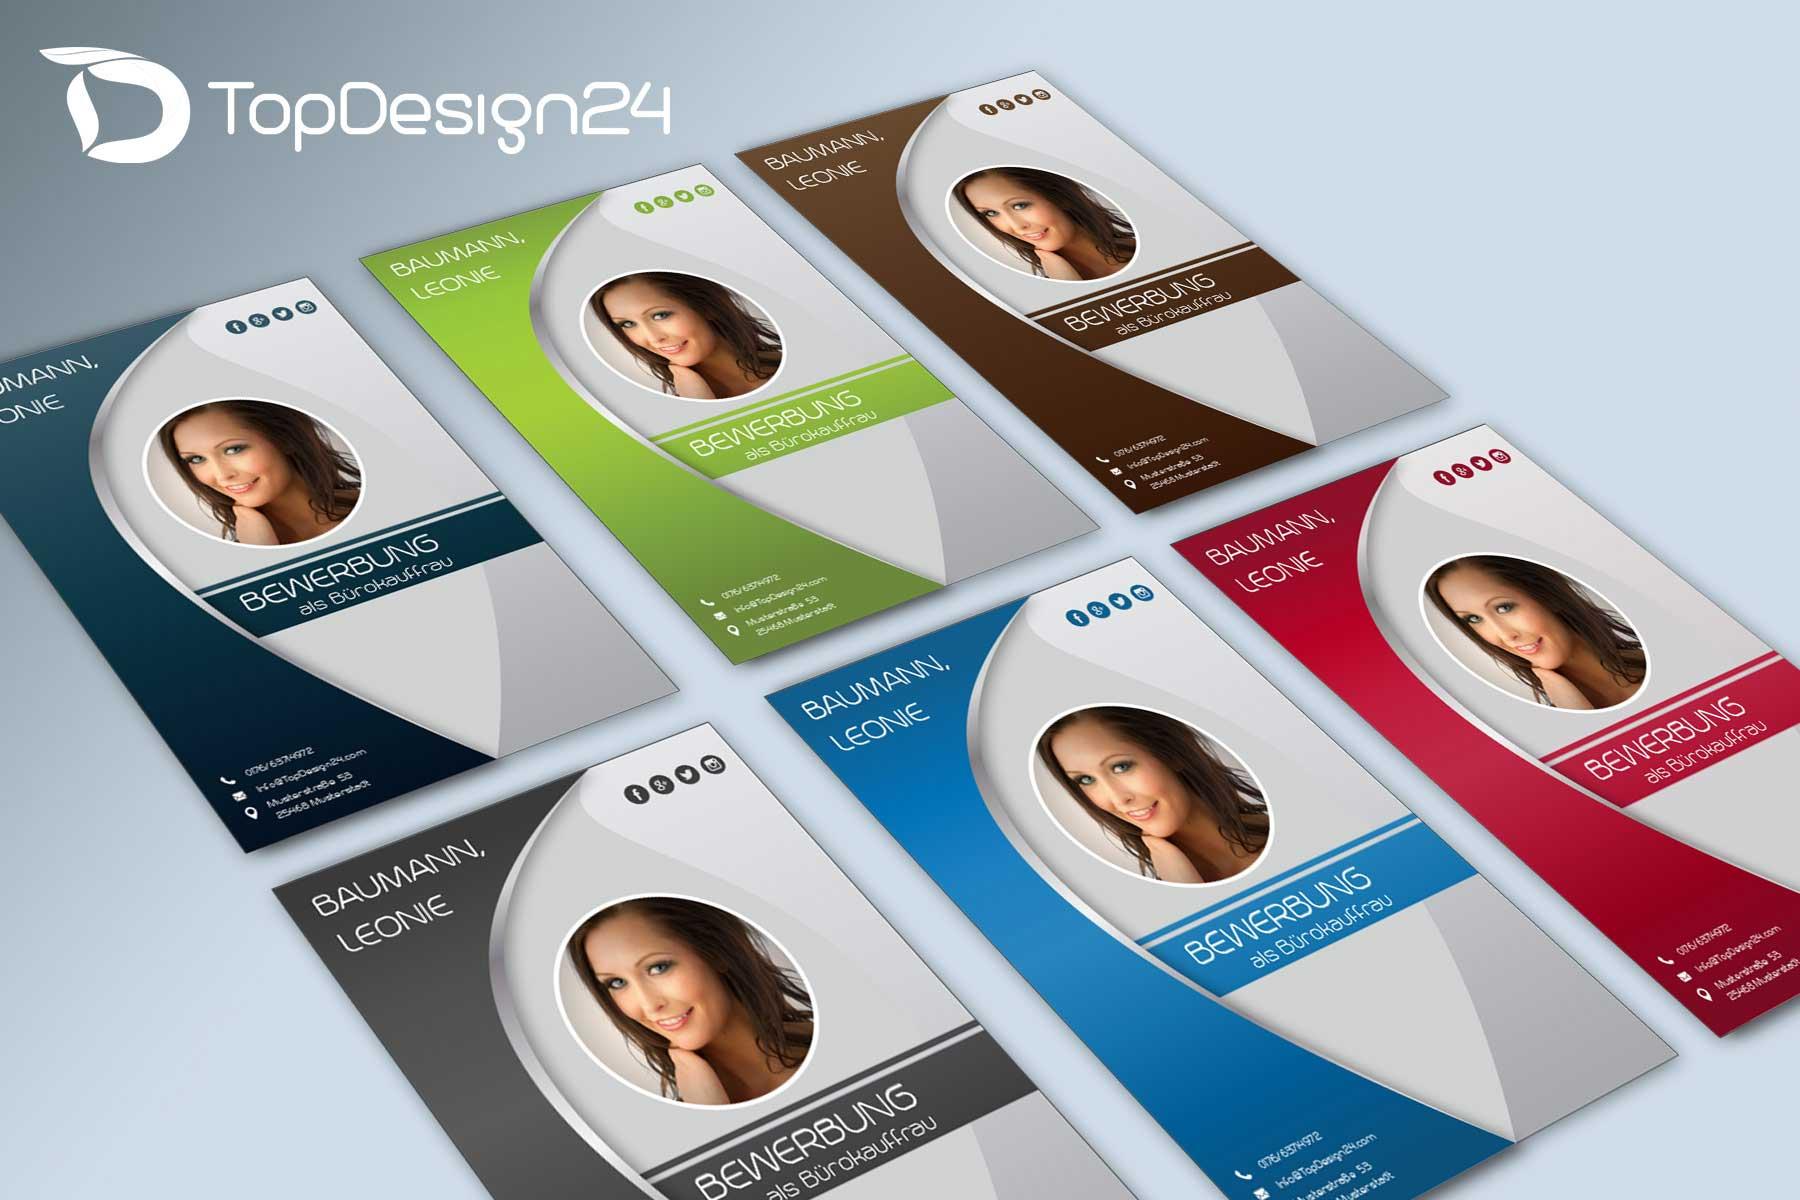 Bewerbung Deckblatt Vorlage Topdesign24 Bewerbungen